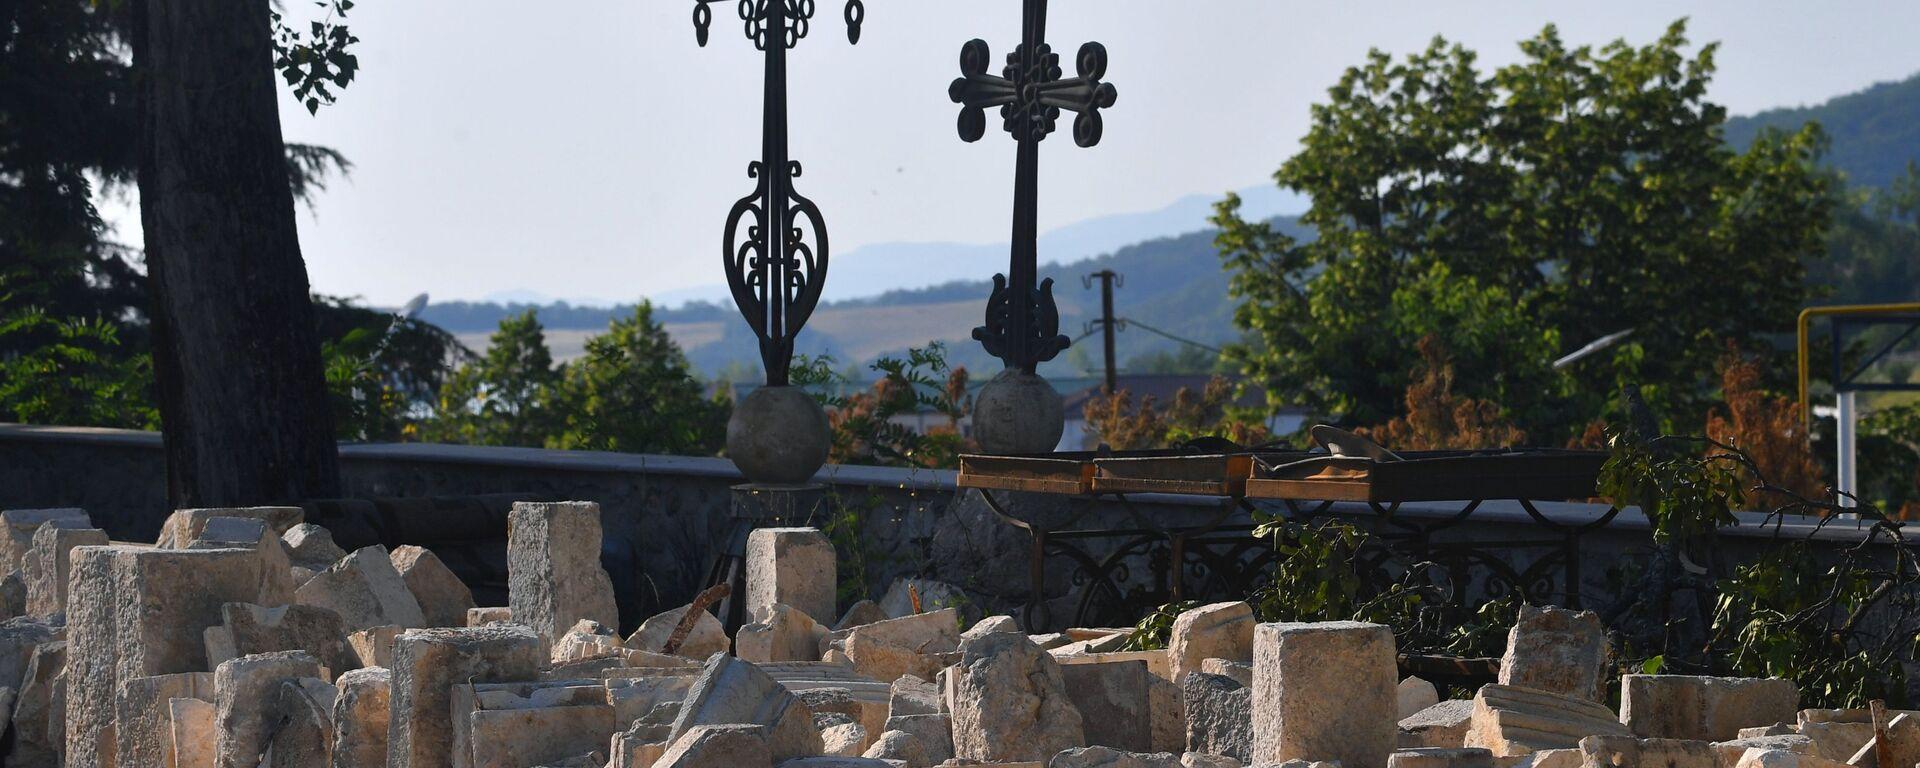 Снятые с армянского храма в Шуши кресты и хачкары - Sputnik Армения, 1920, 14.07.2021